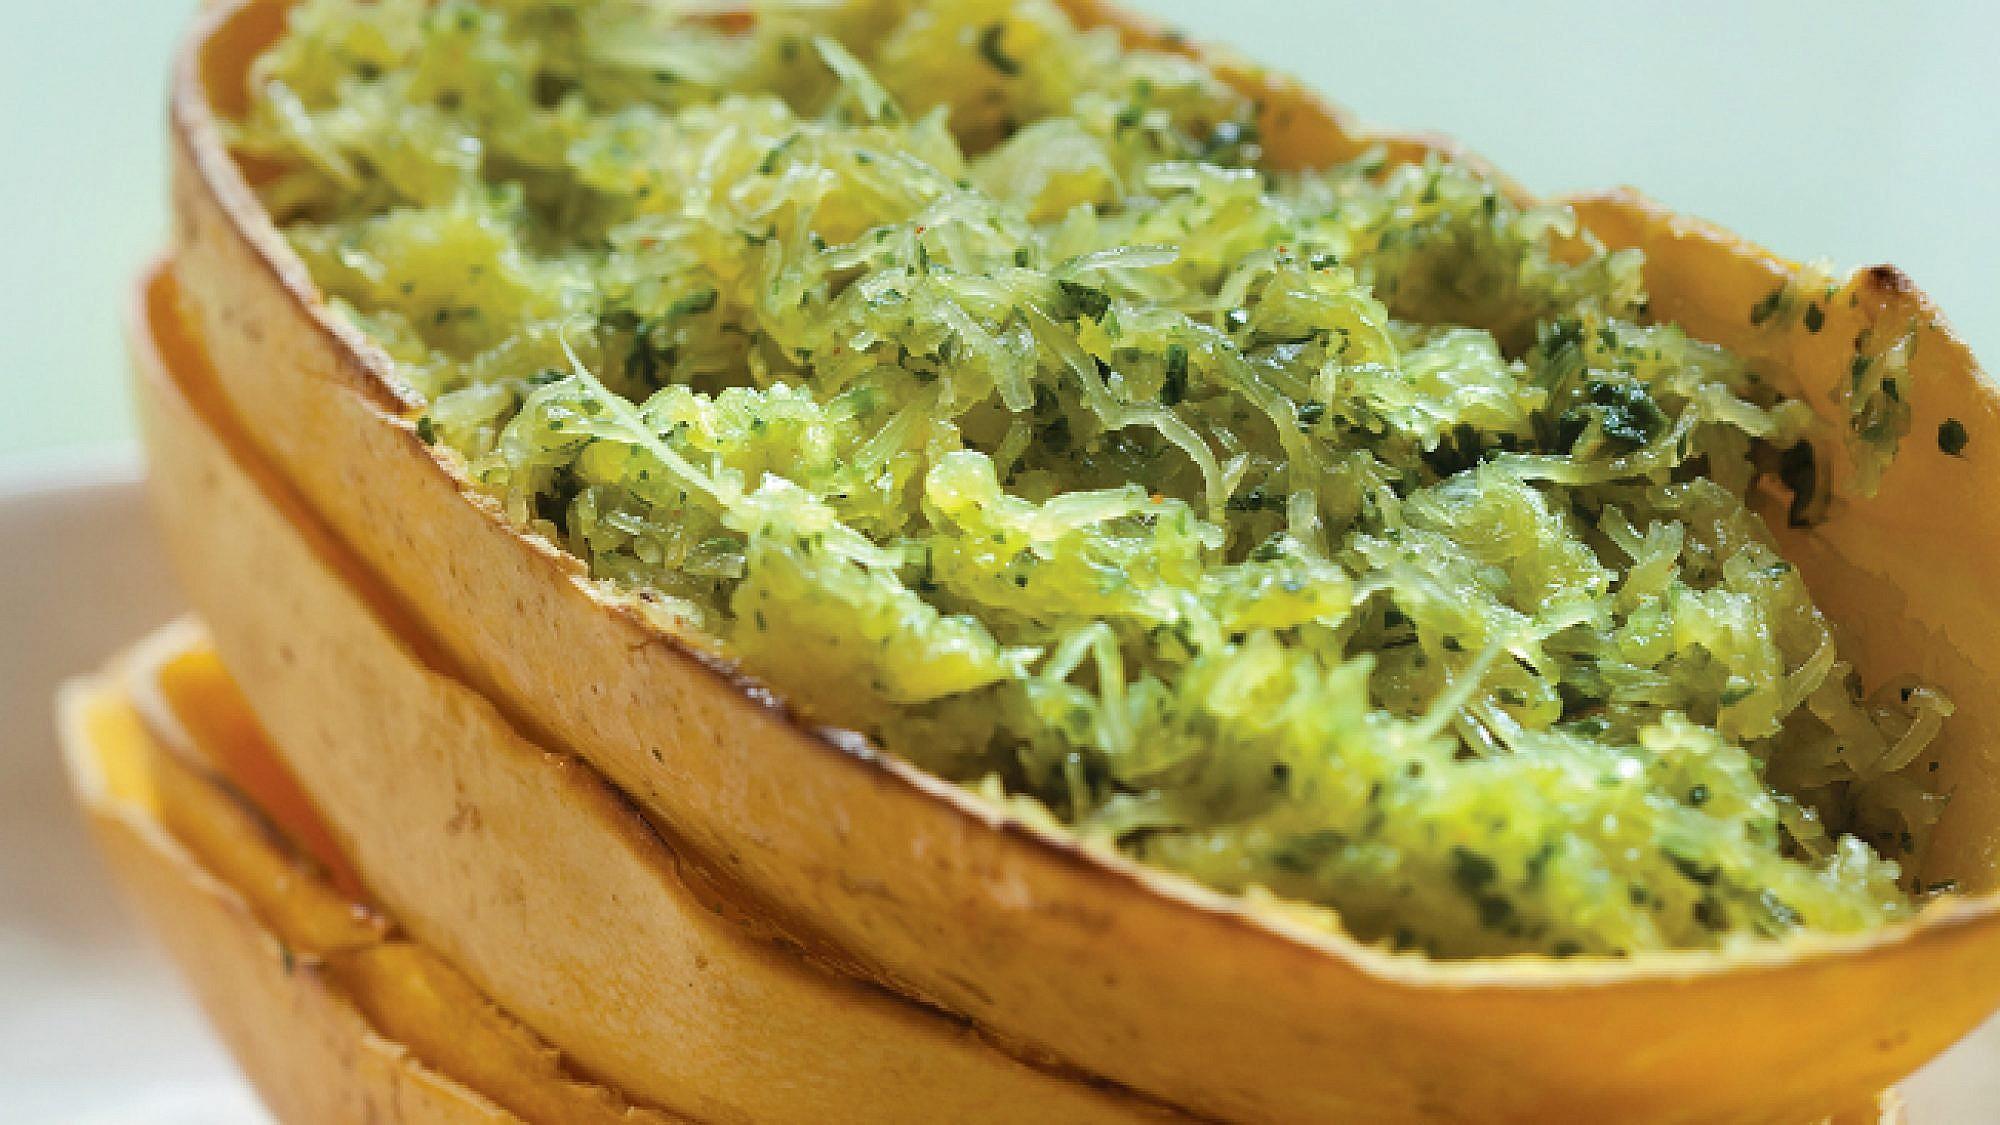 דלעת ספגטי בעשבי תיבול, שמן זית וצ'ילי. צילום: דן לב   סגנון: דלית רוסו